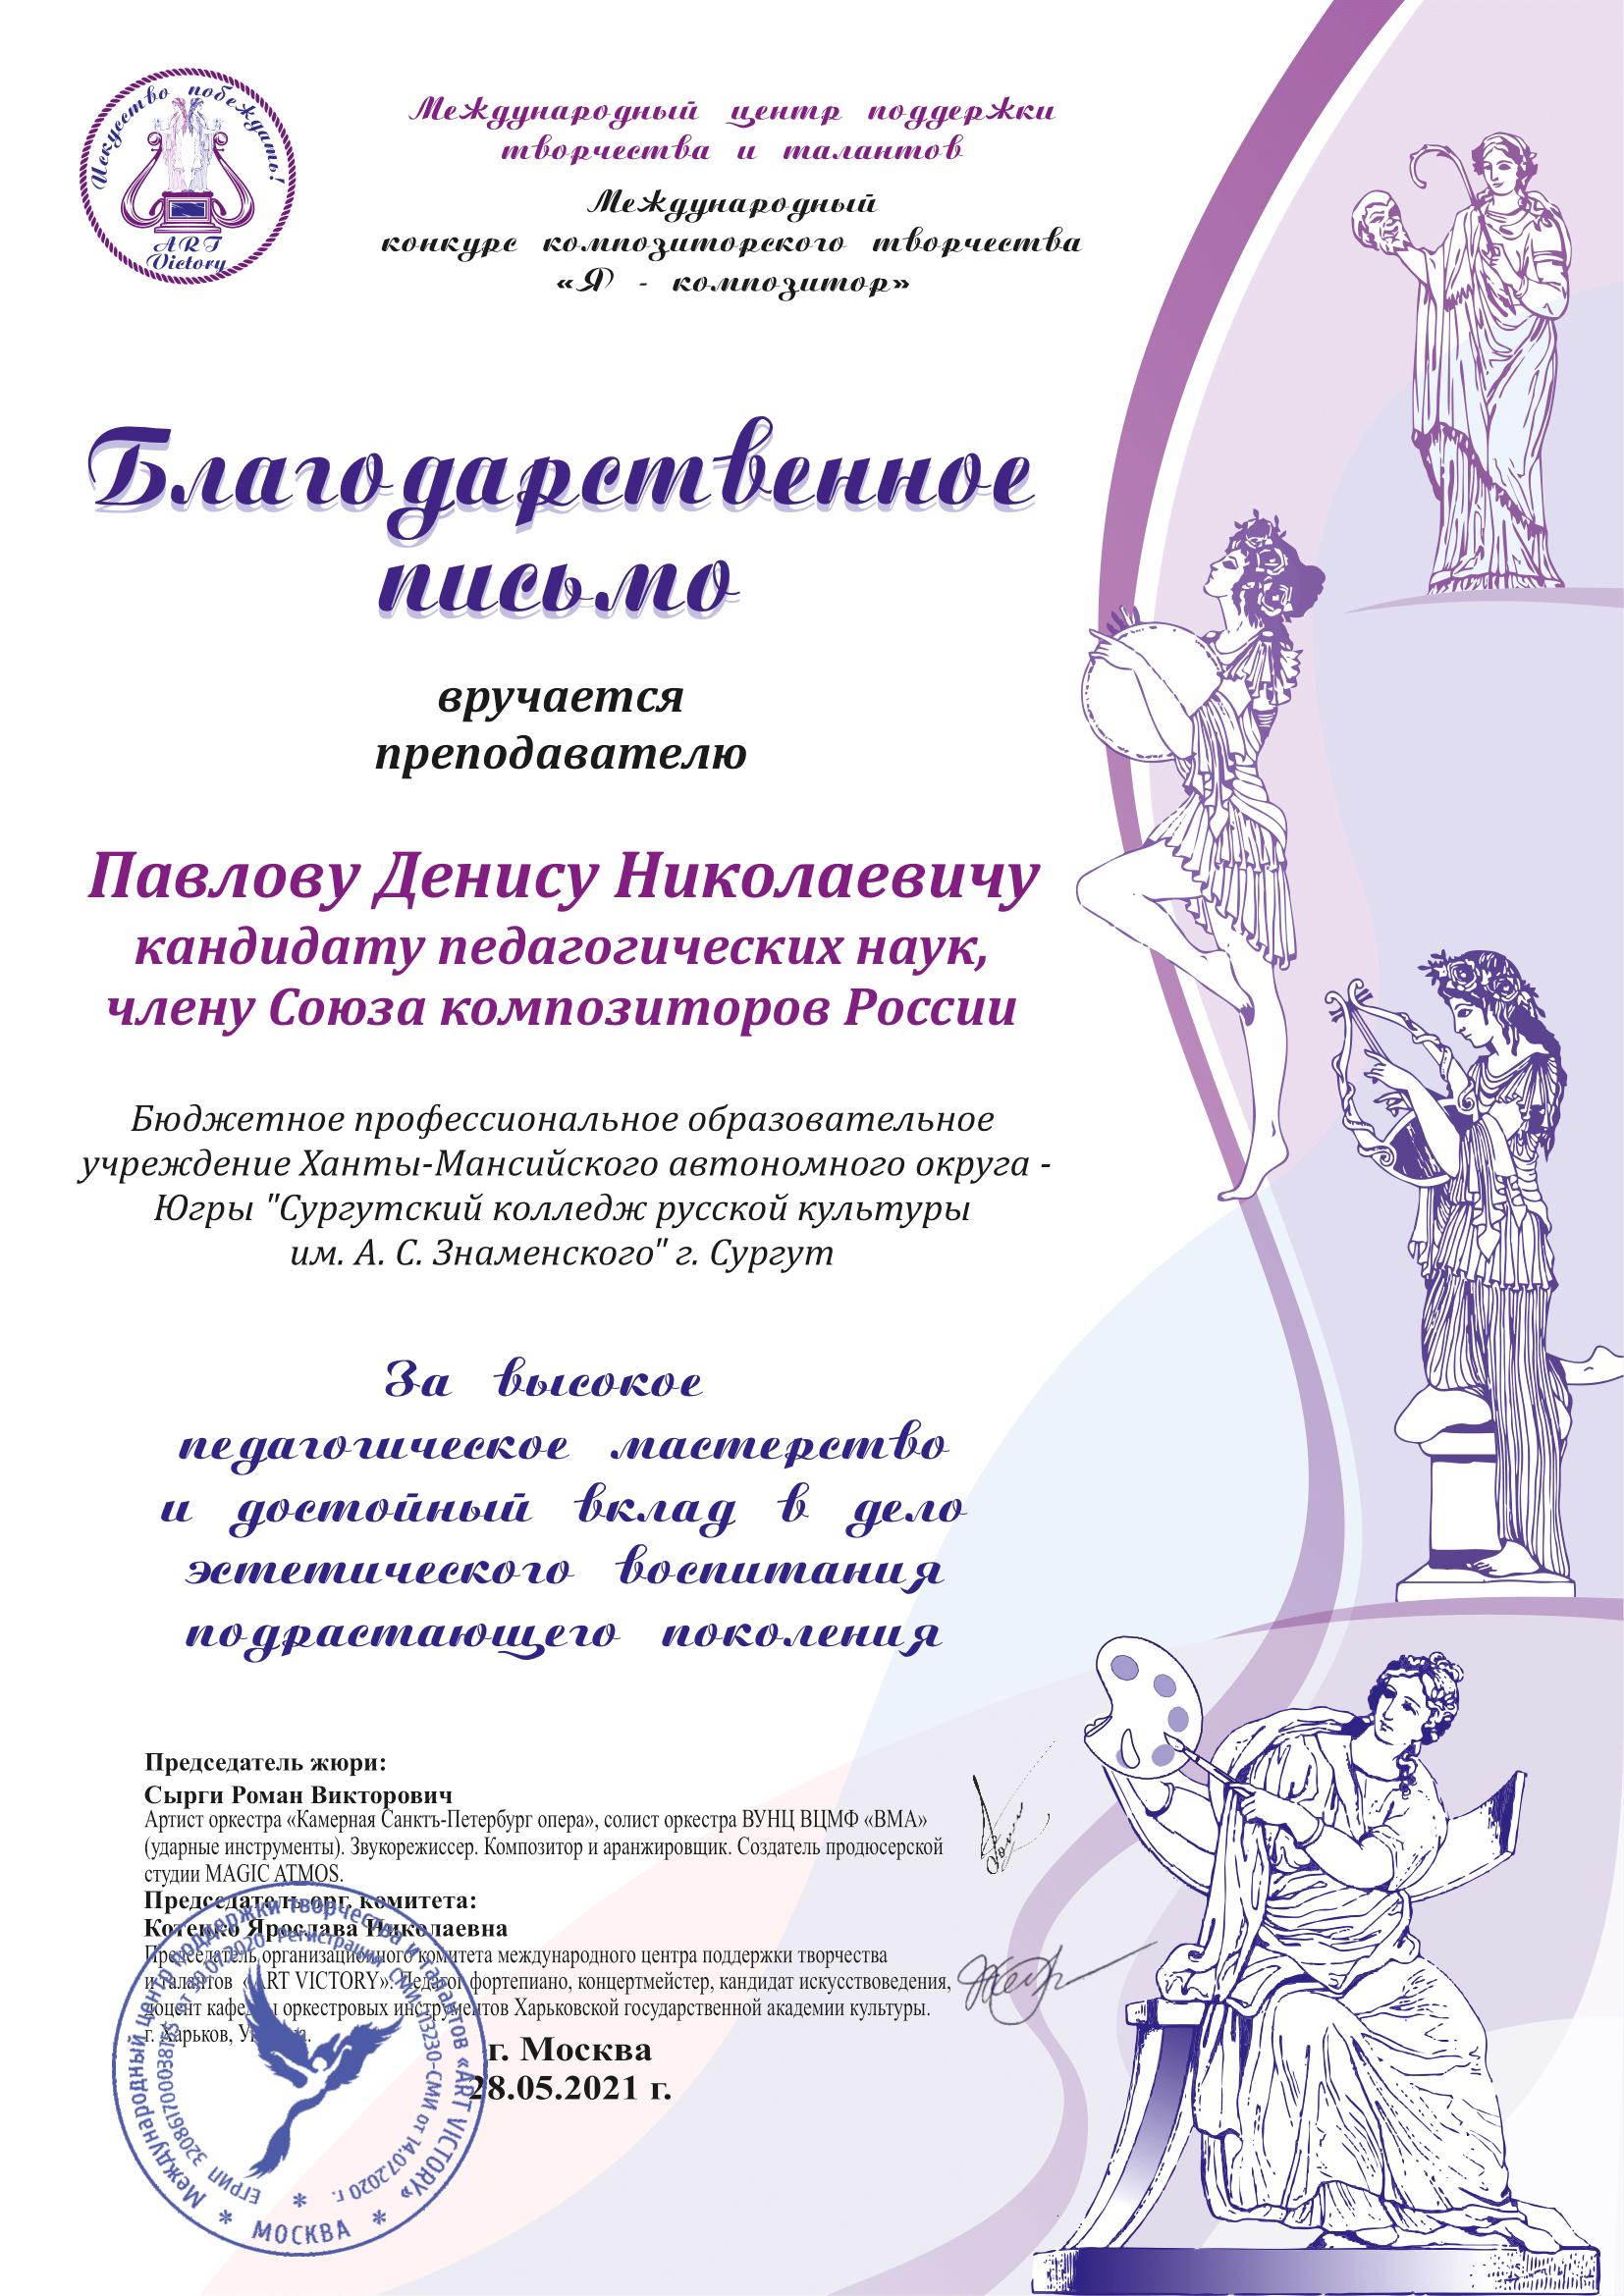 Павлову Д.Н. благодарность конкурса Я композитор-1